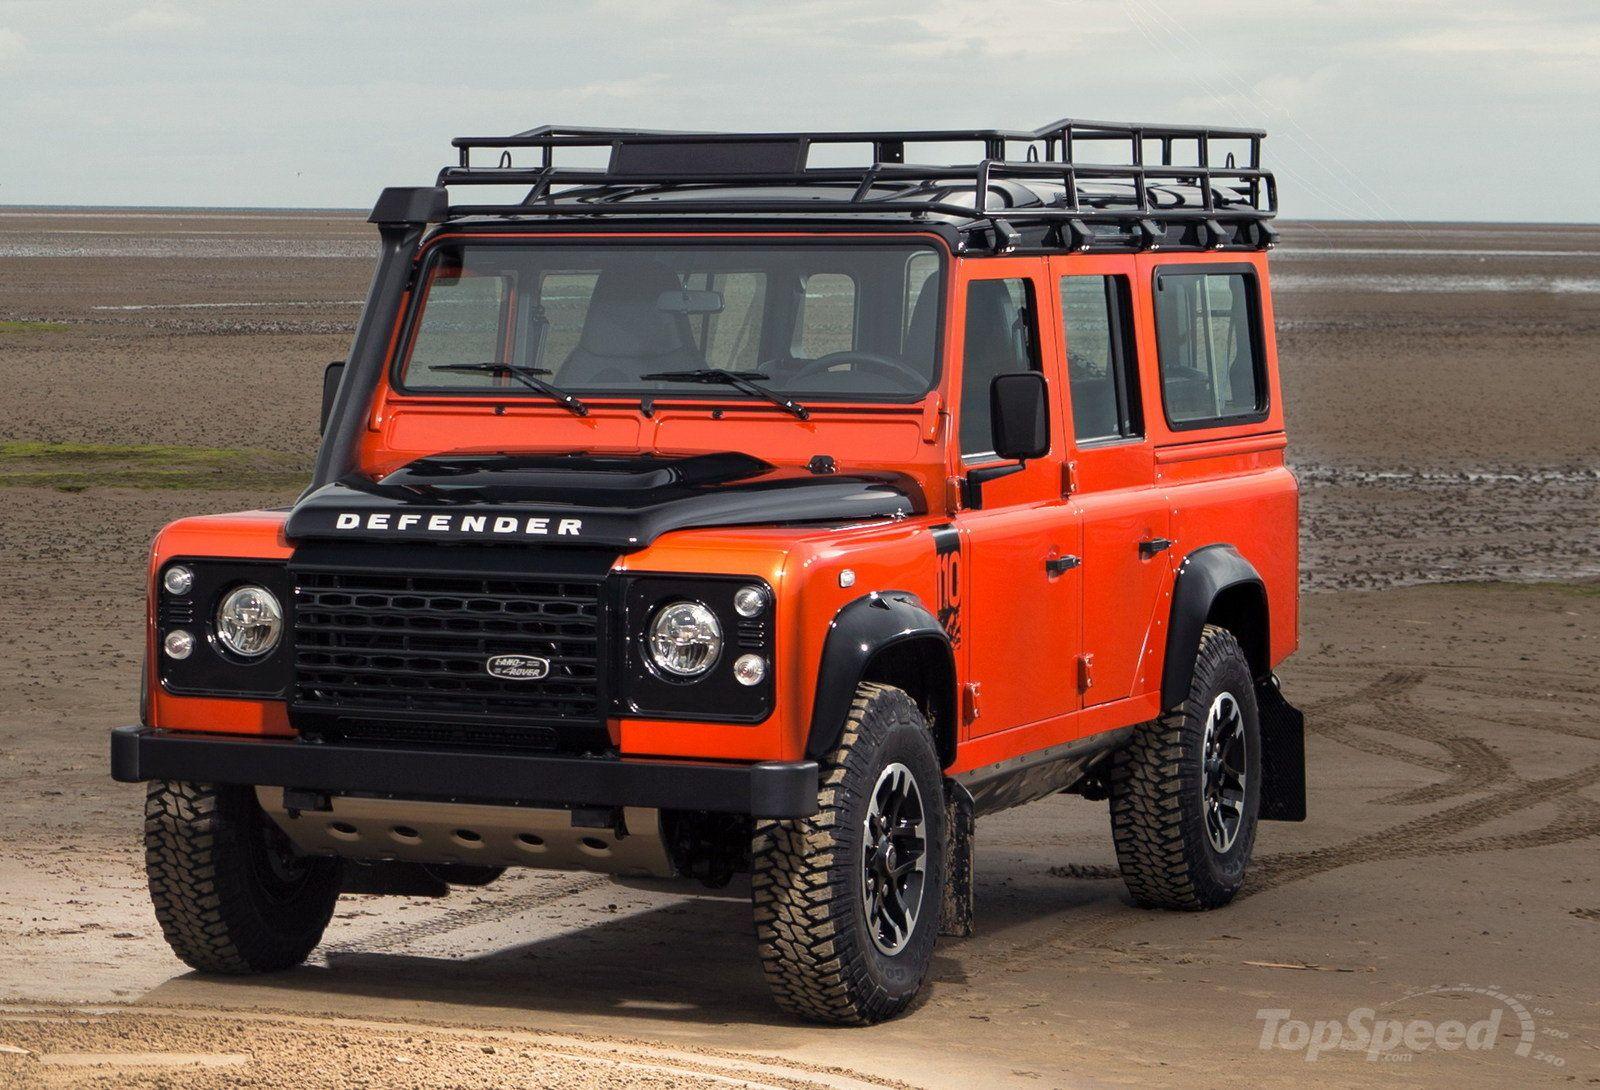 2015 Land Rover Defender Adventure Edition Gallery 609181